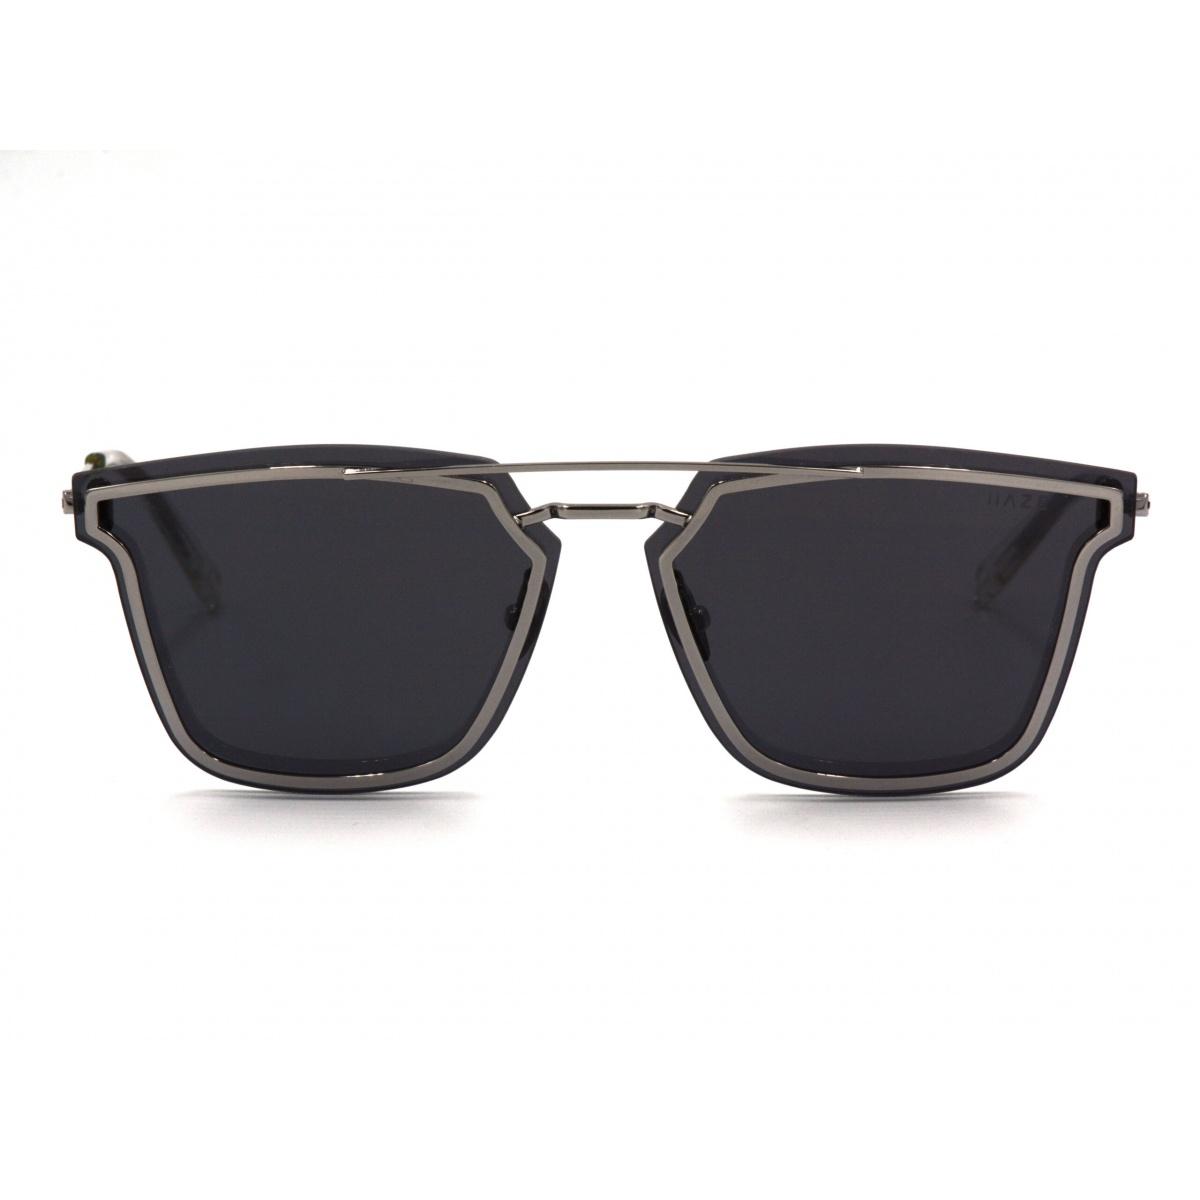 Γυαλιά ηλίου HAZE COLLECTION BOND 1BK 67-11-145